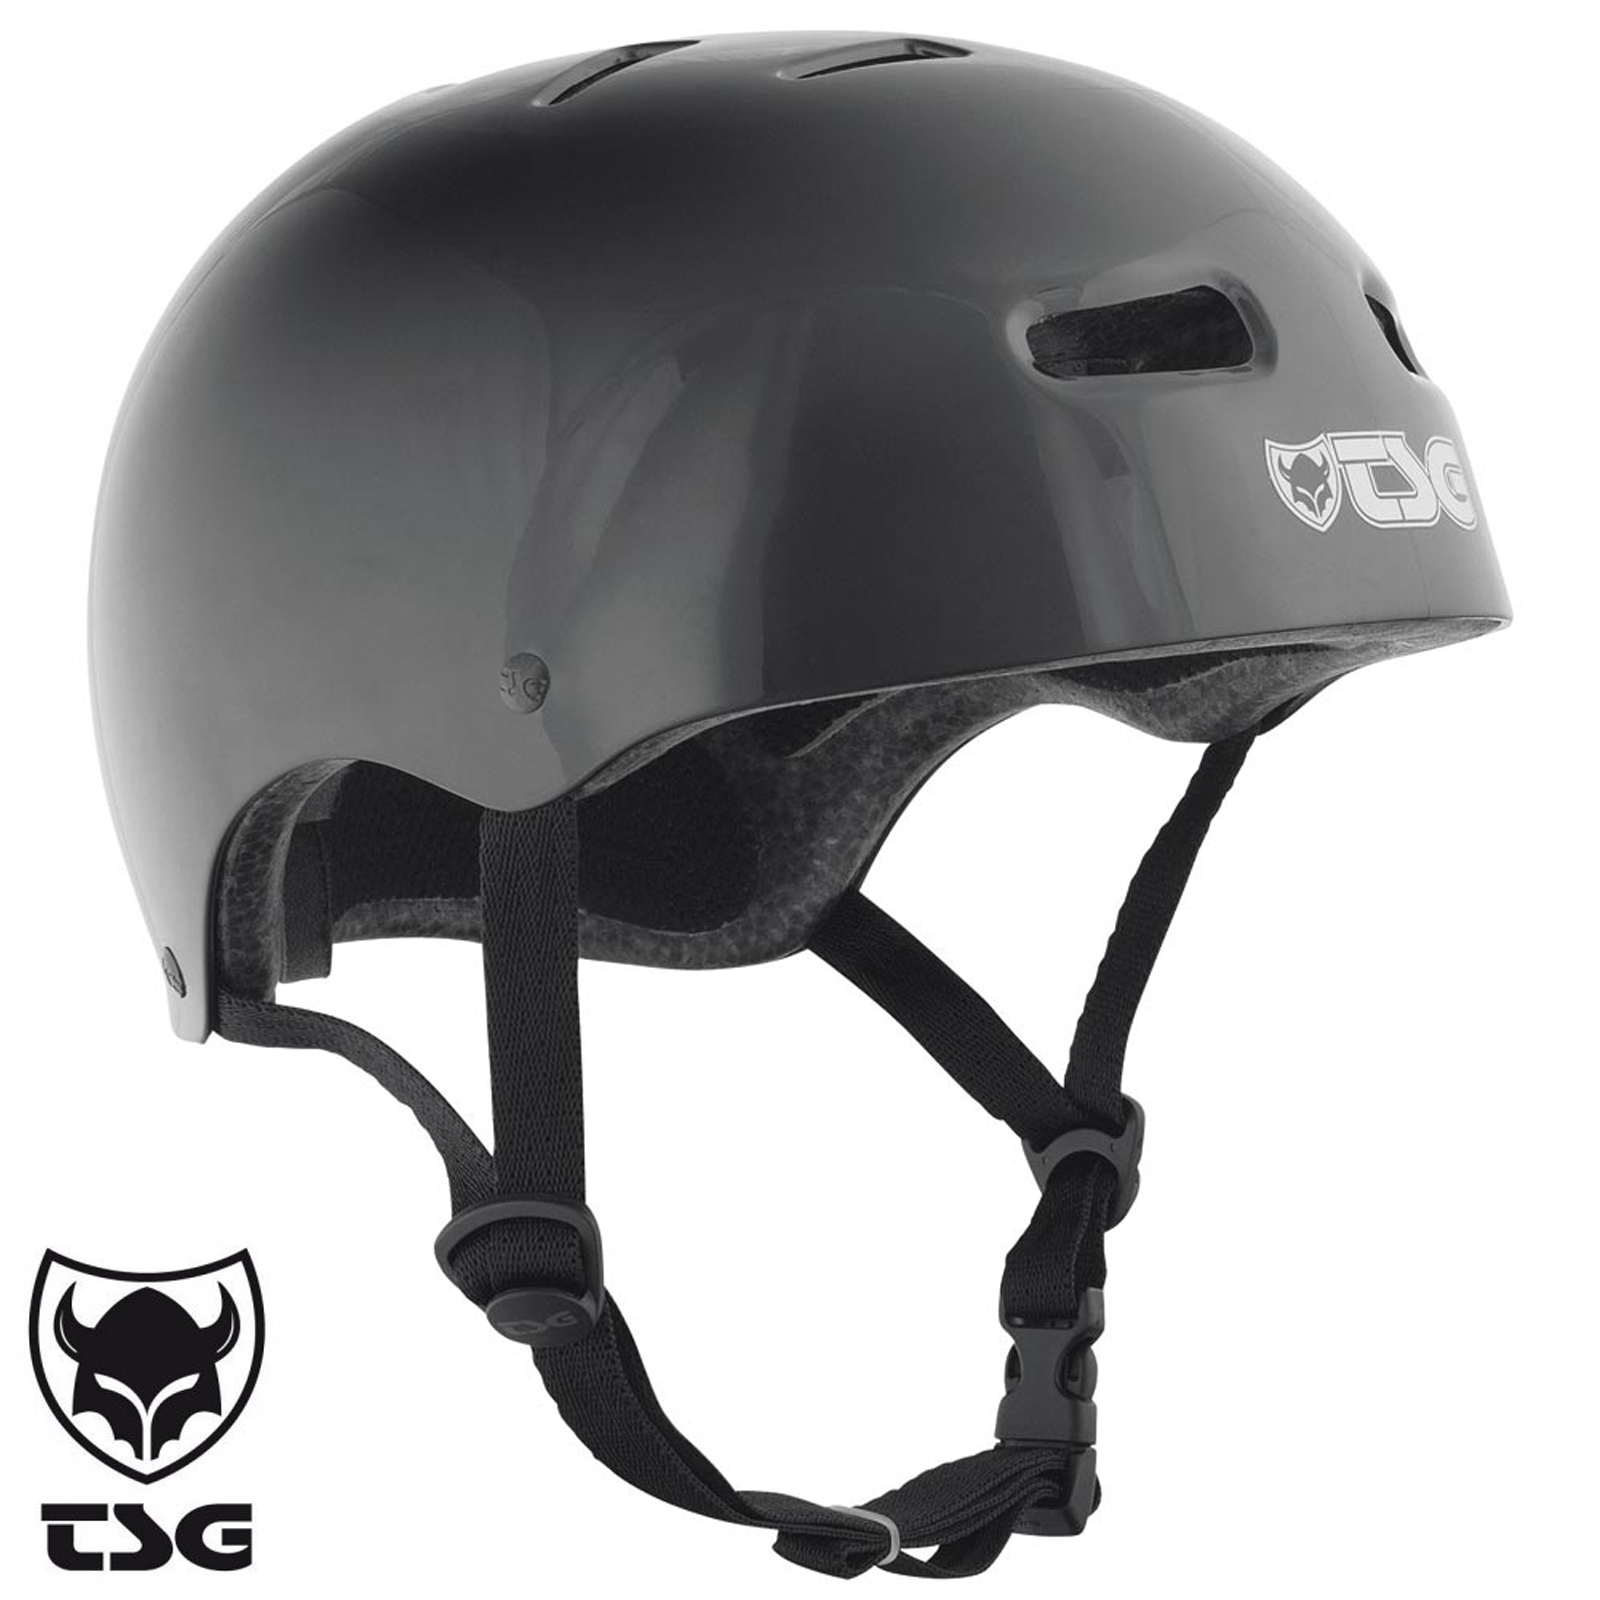 TSG-Skate-Casco-suciedad-saltar-Skate-scooter-bicicleta-Bmx-pisspot